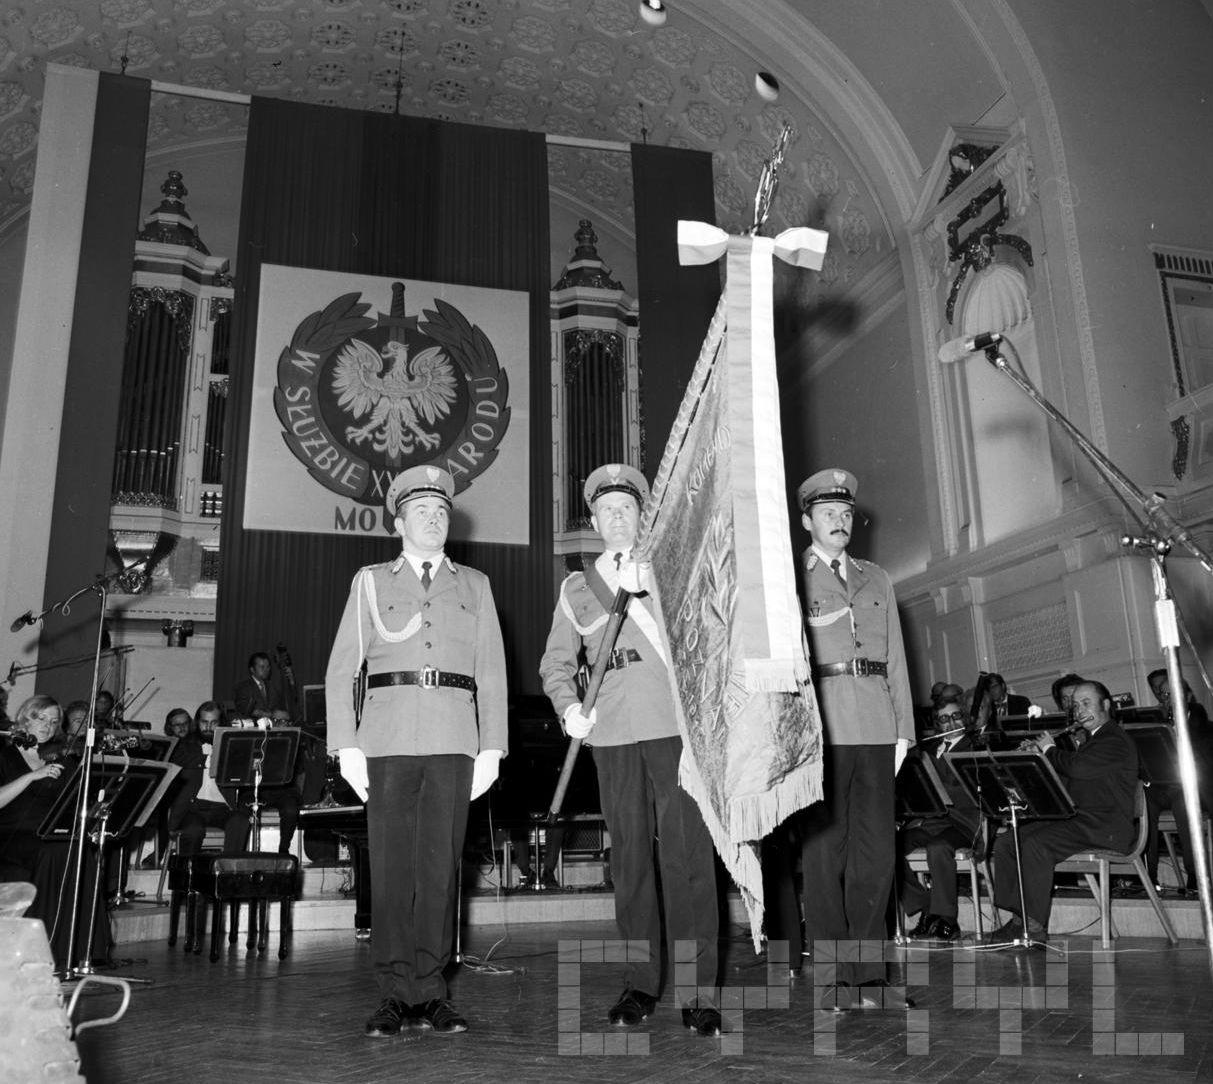 Obchody 30 rcznicy utworzenia Milicji Obywatelskiej  Foto: Stanisław Wiktor / Cyryl